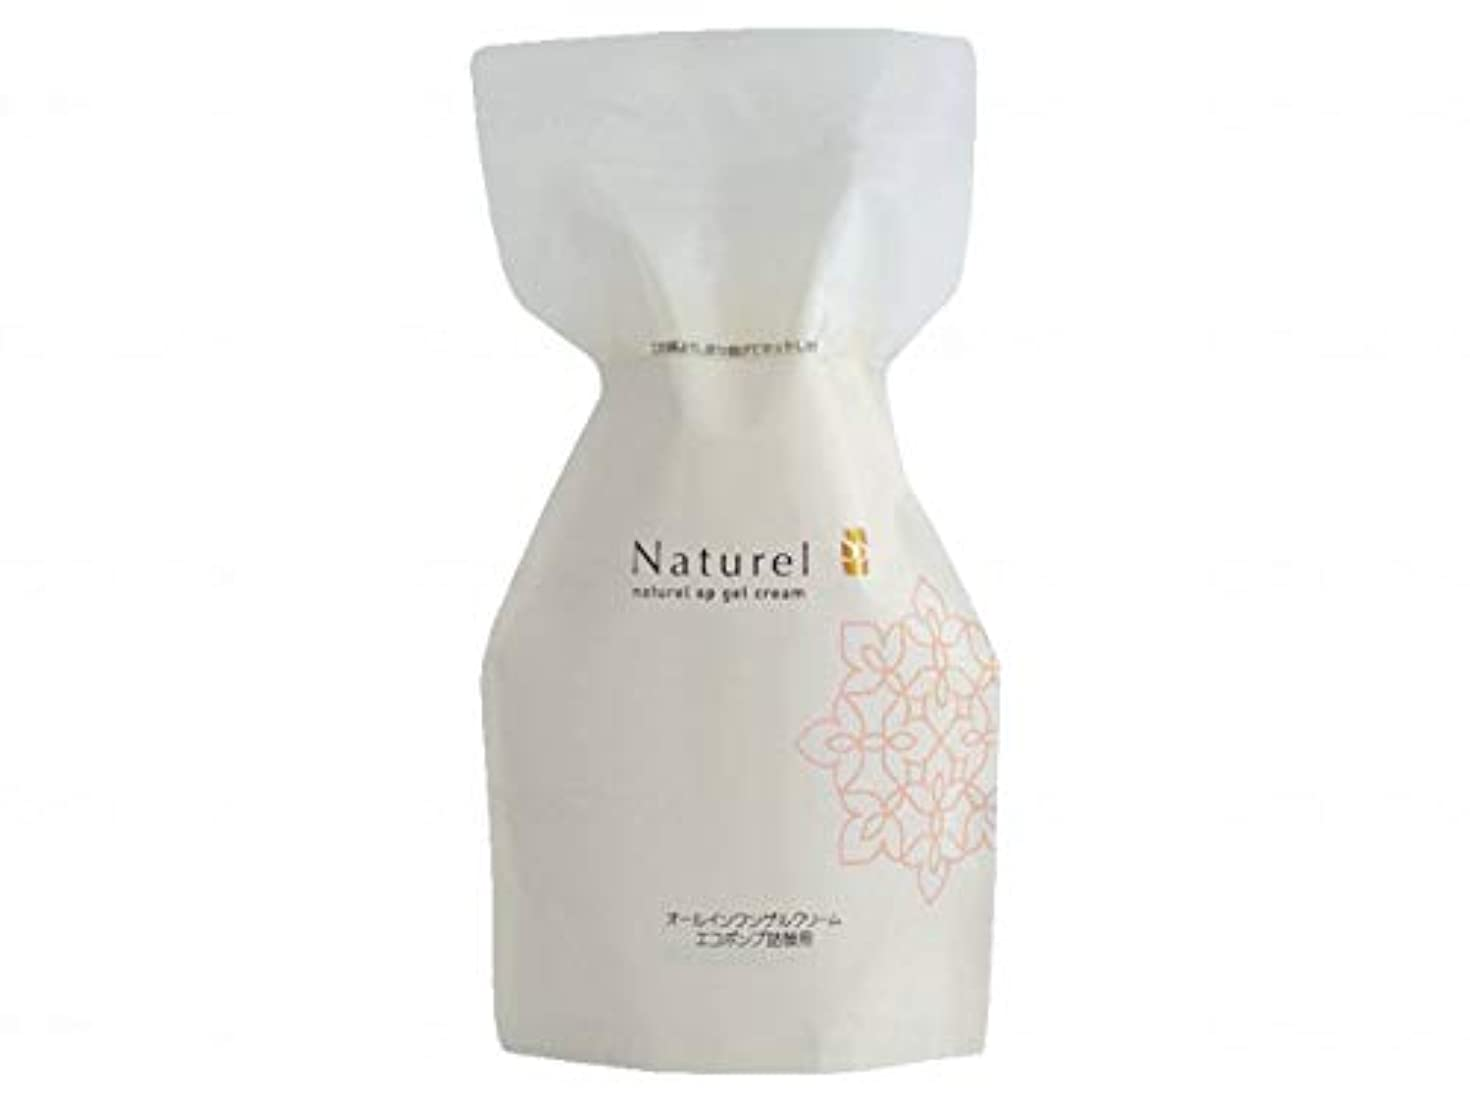 水素木曜日苦難日本健康美容開発 ナチュレルSP ゲルクリーム PLUS エコ詰替え 550g